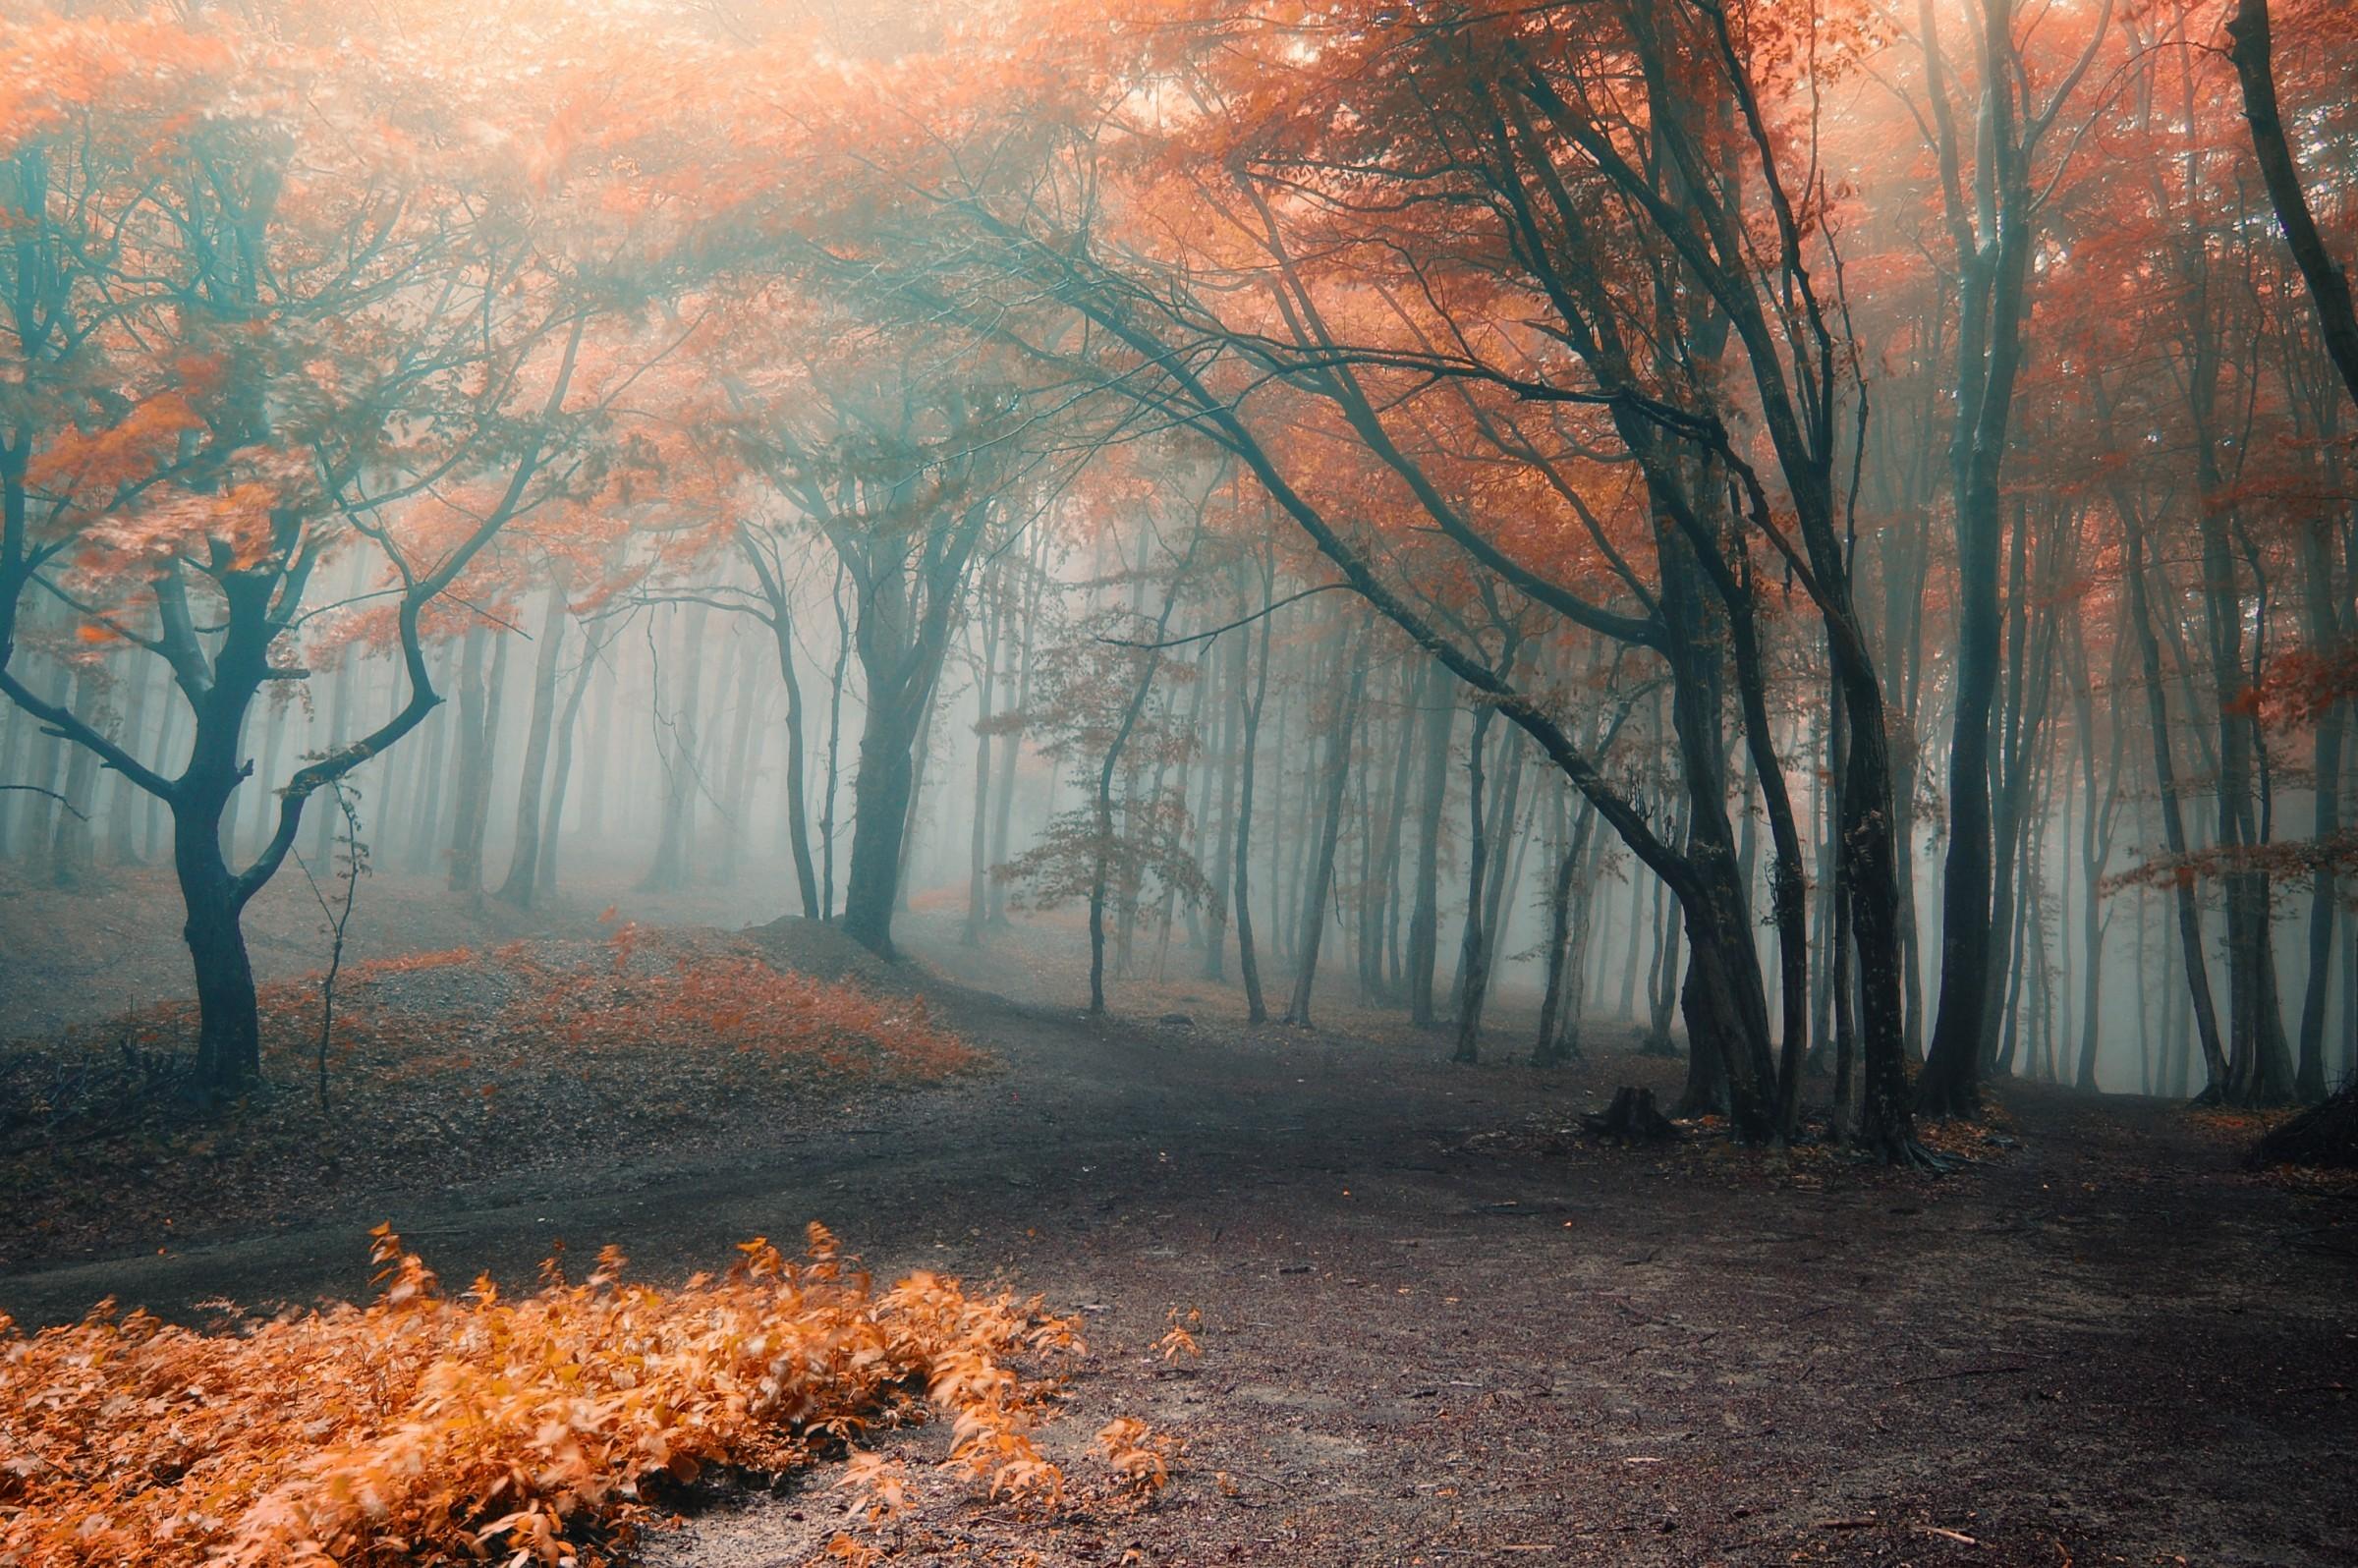 Autumn mist - Shutterstock free image47808574 - 2013-0916